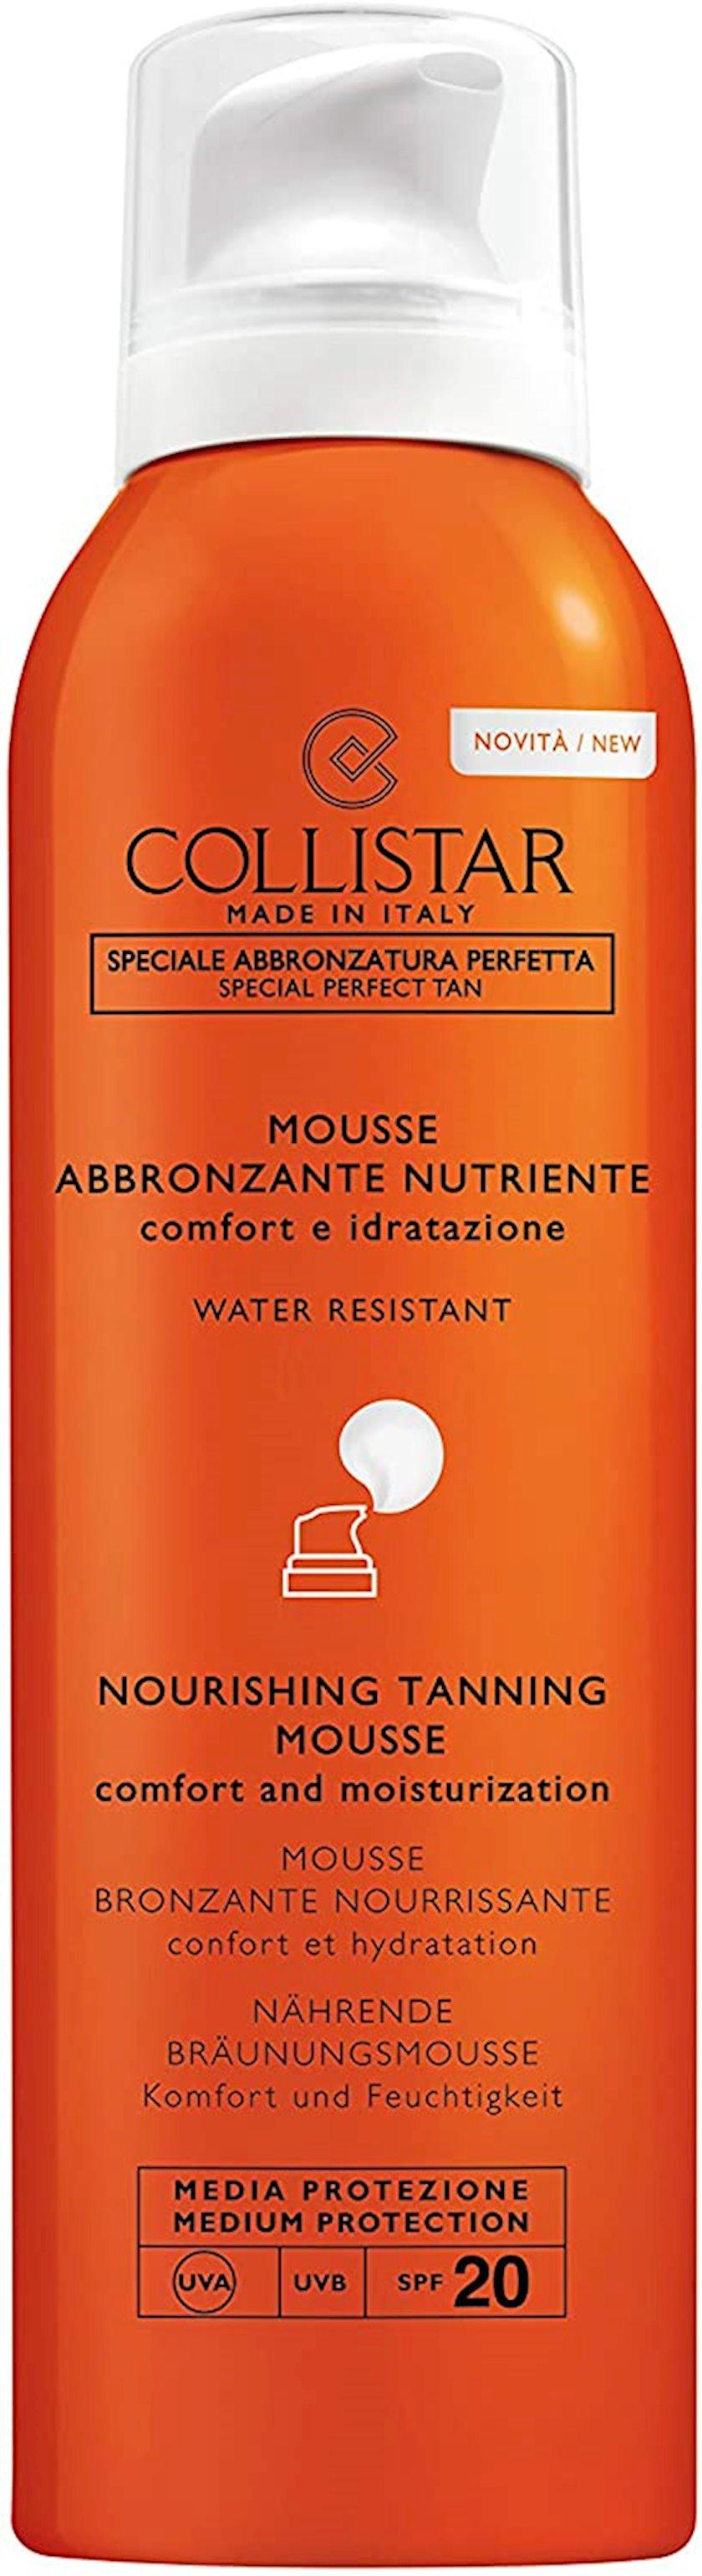 Günəşdən qoruyucu muss Collistar Abbronzante Nutriente Mousse SPF20